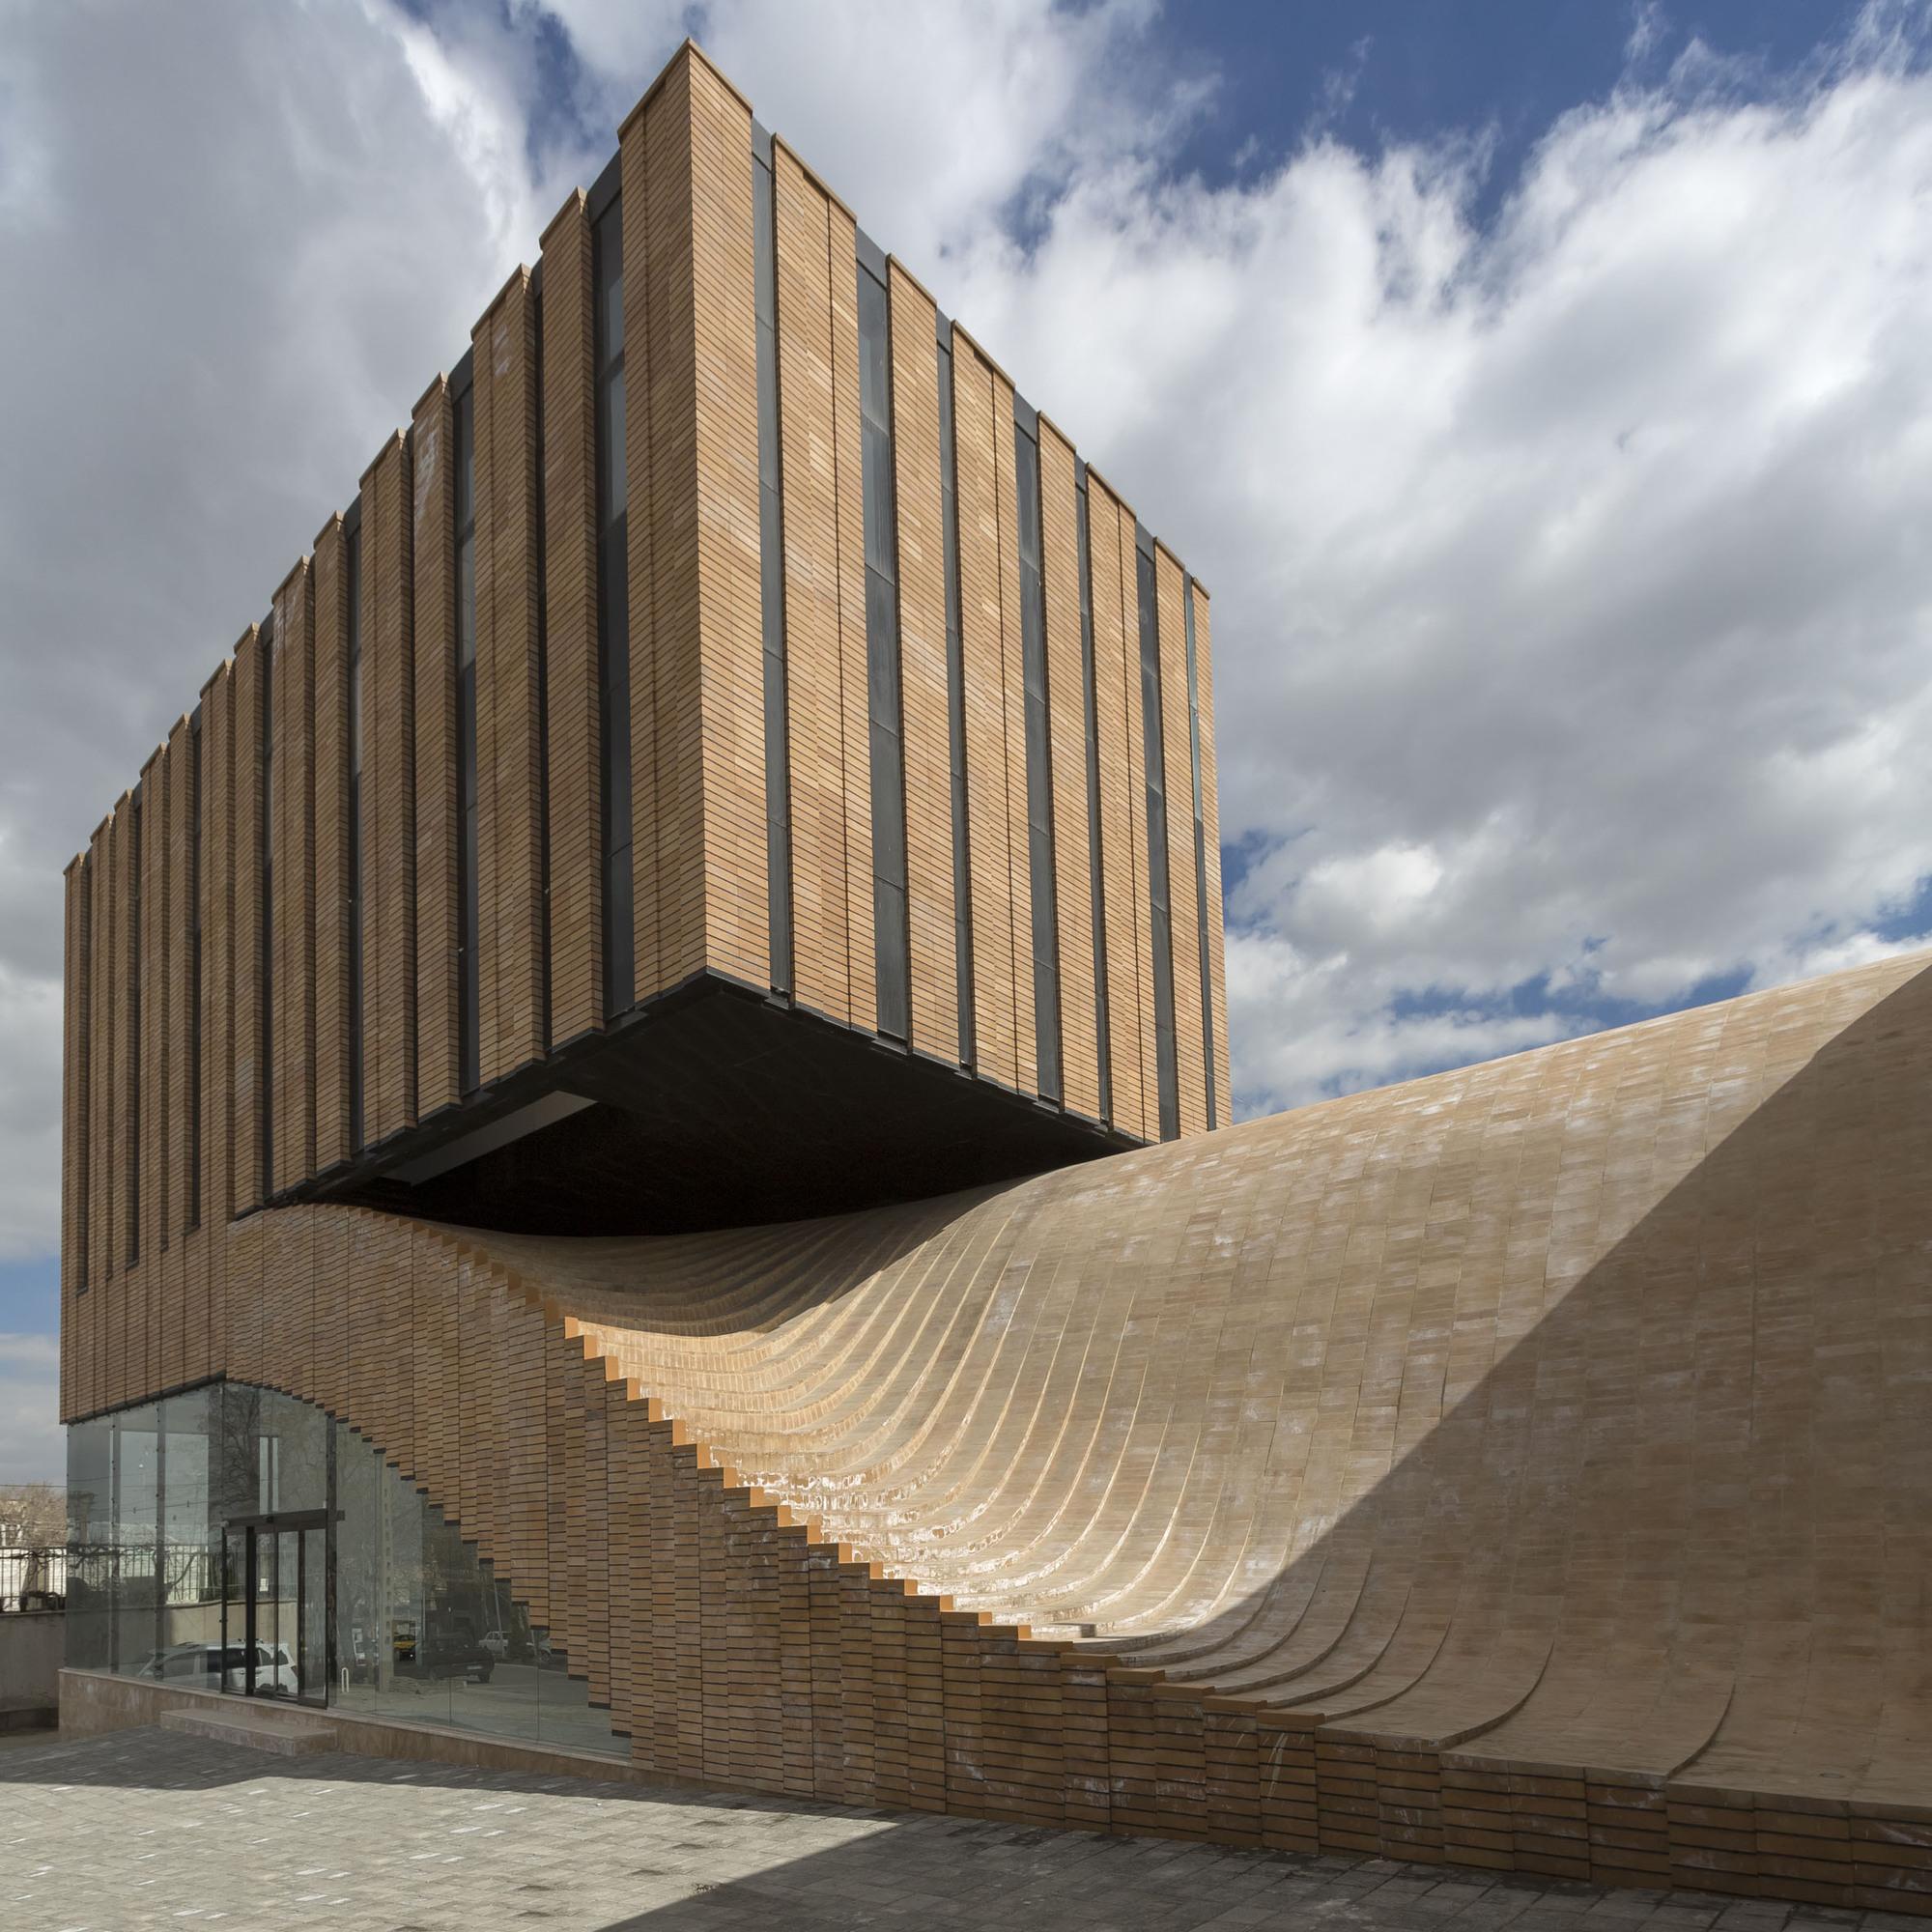 ساختمان ترمه، شاهکار معماری خاص و نوین در همدان